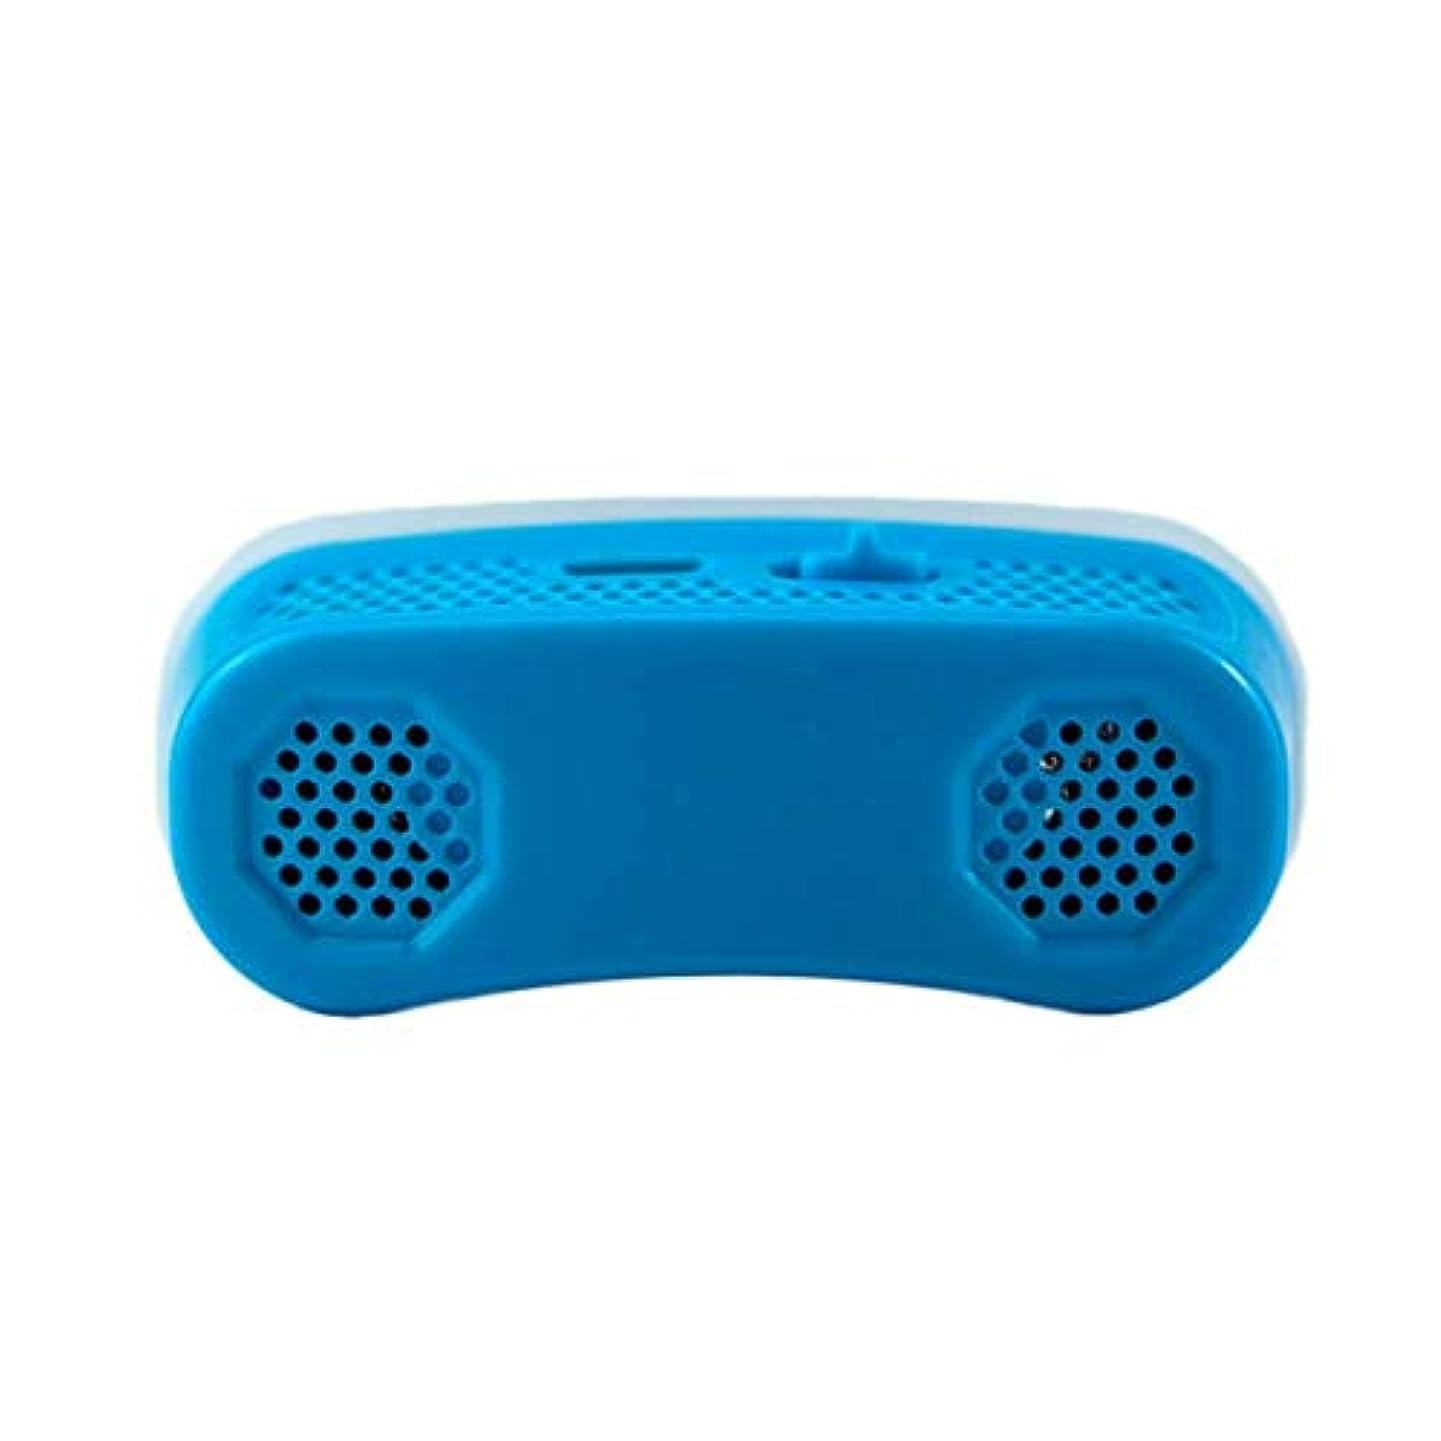 今後効率合成睡眠時無呼吸停止いびき止め栓 - 青のためのマイクロCPAP抗いびき電子デバイス